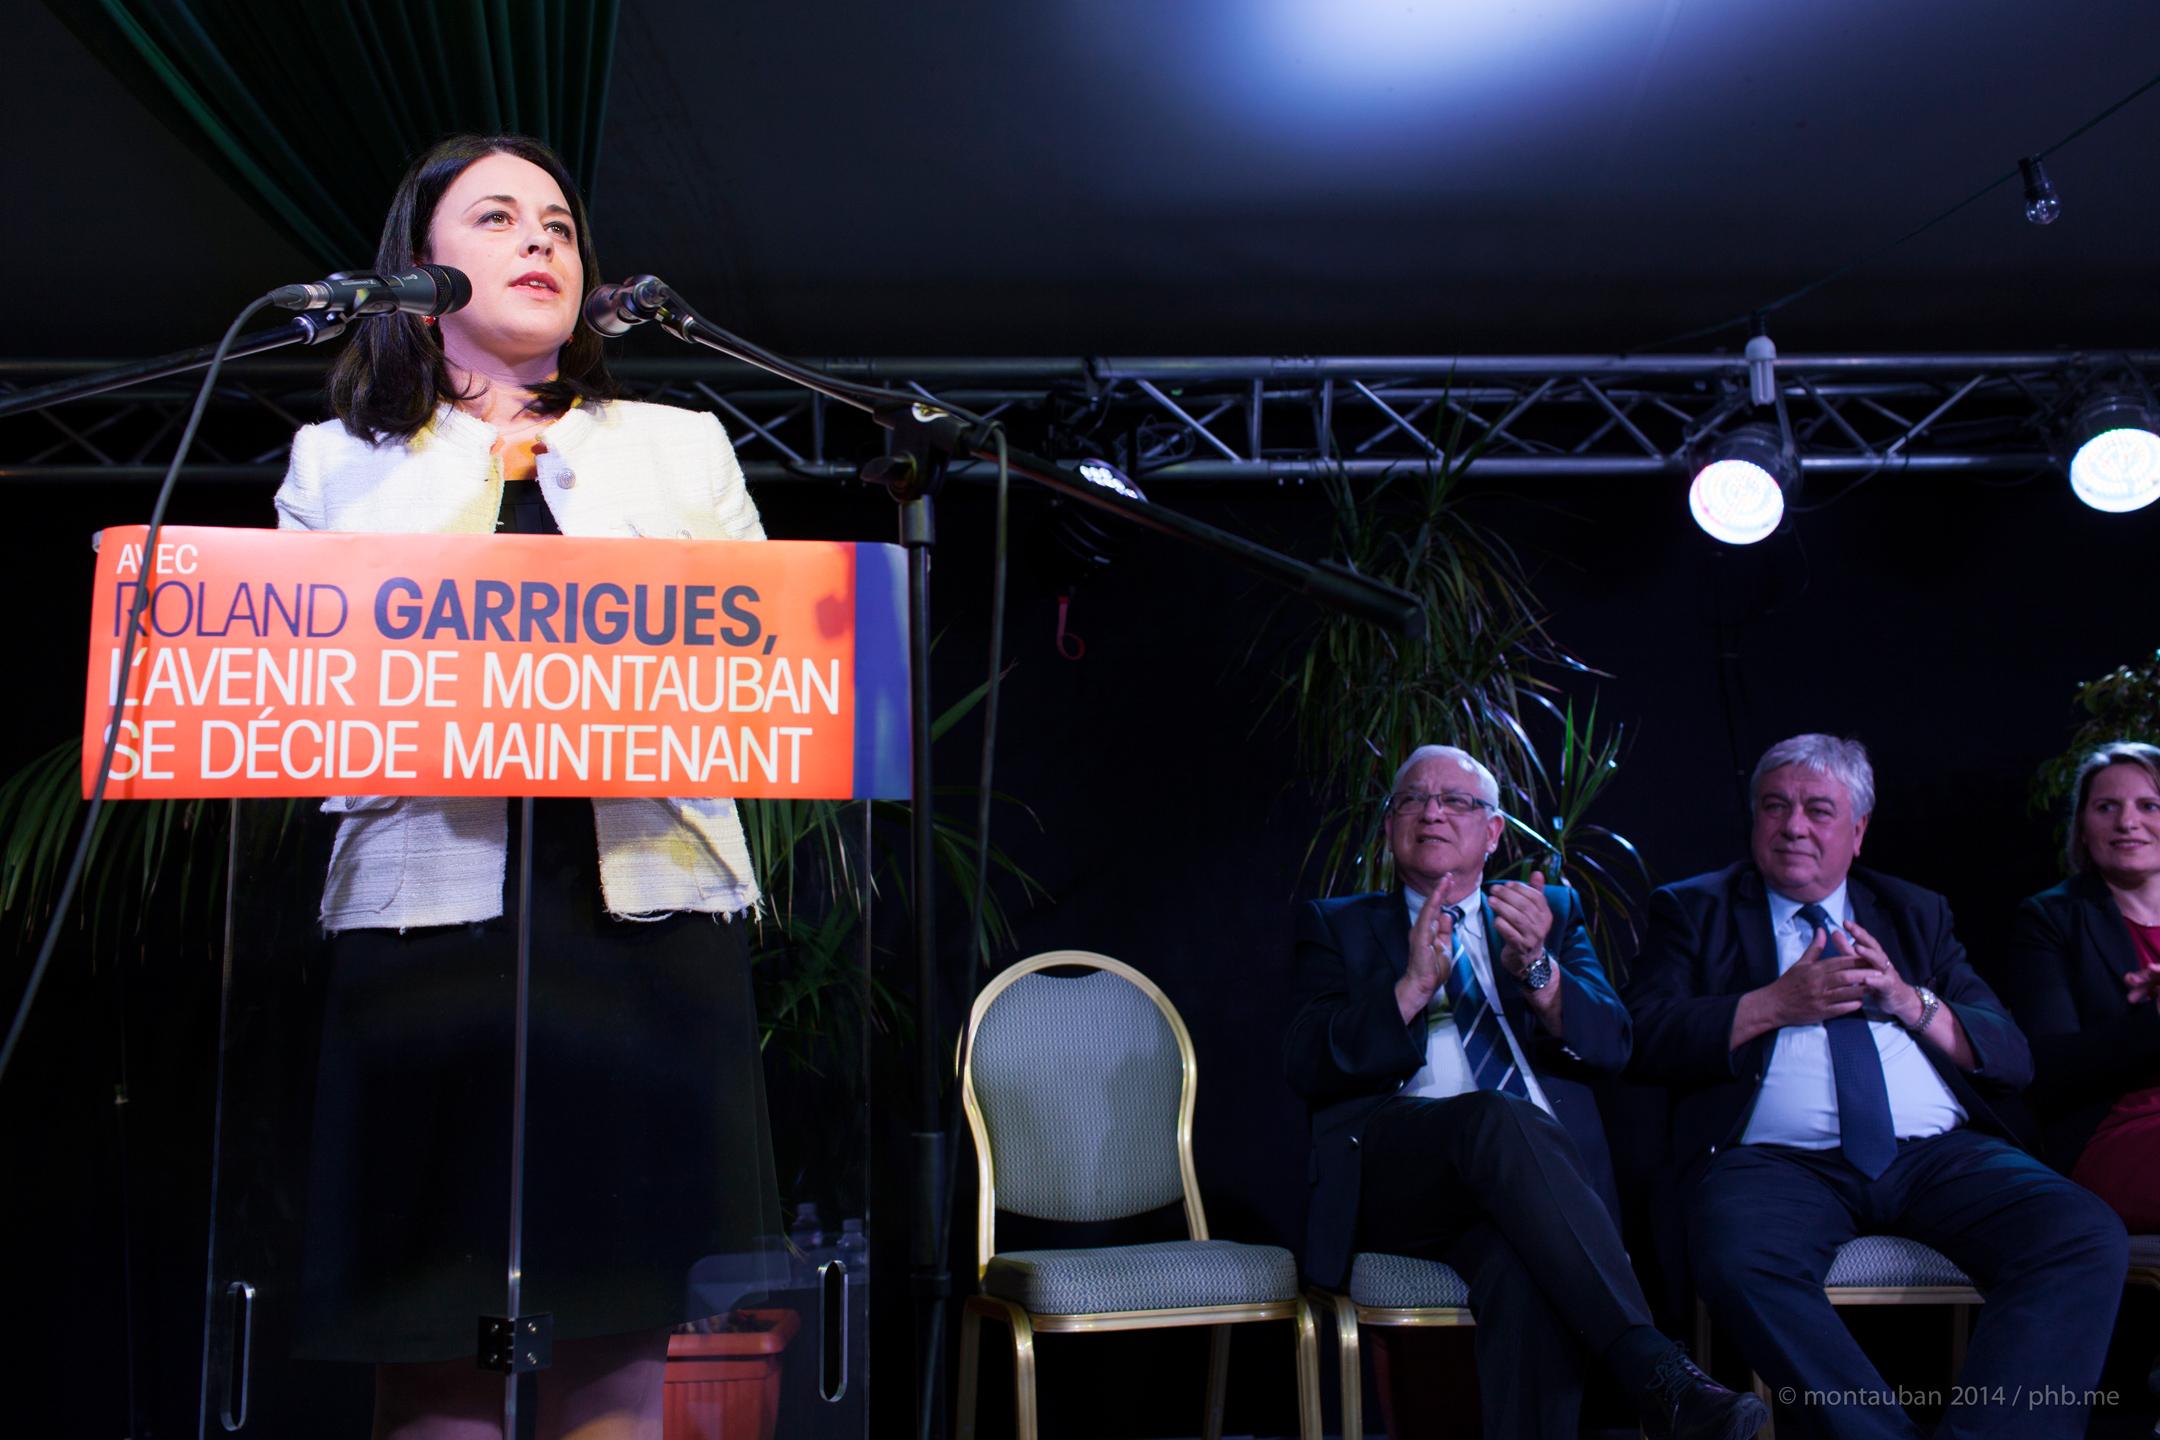 Meeting-Roland-Garrigues-Montauban-2014-IMG_2854